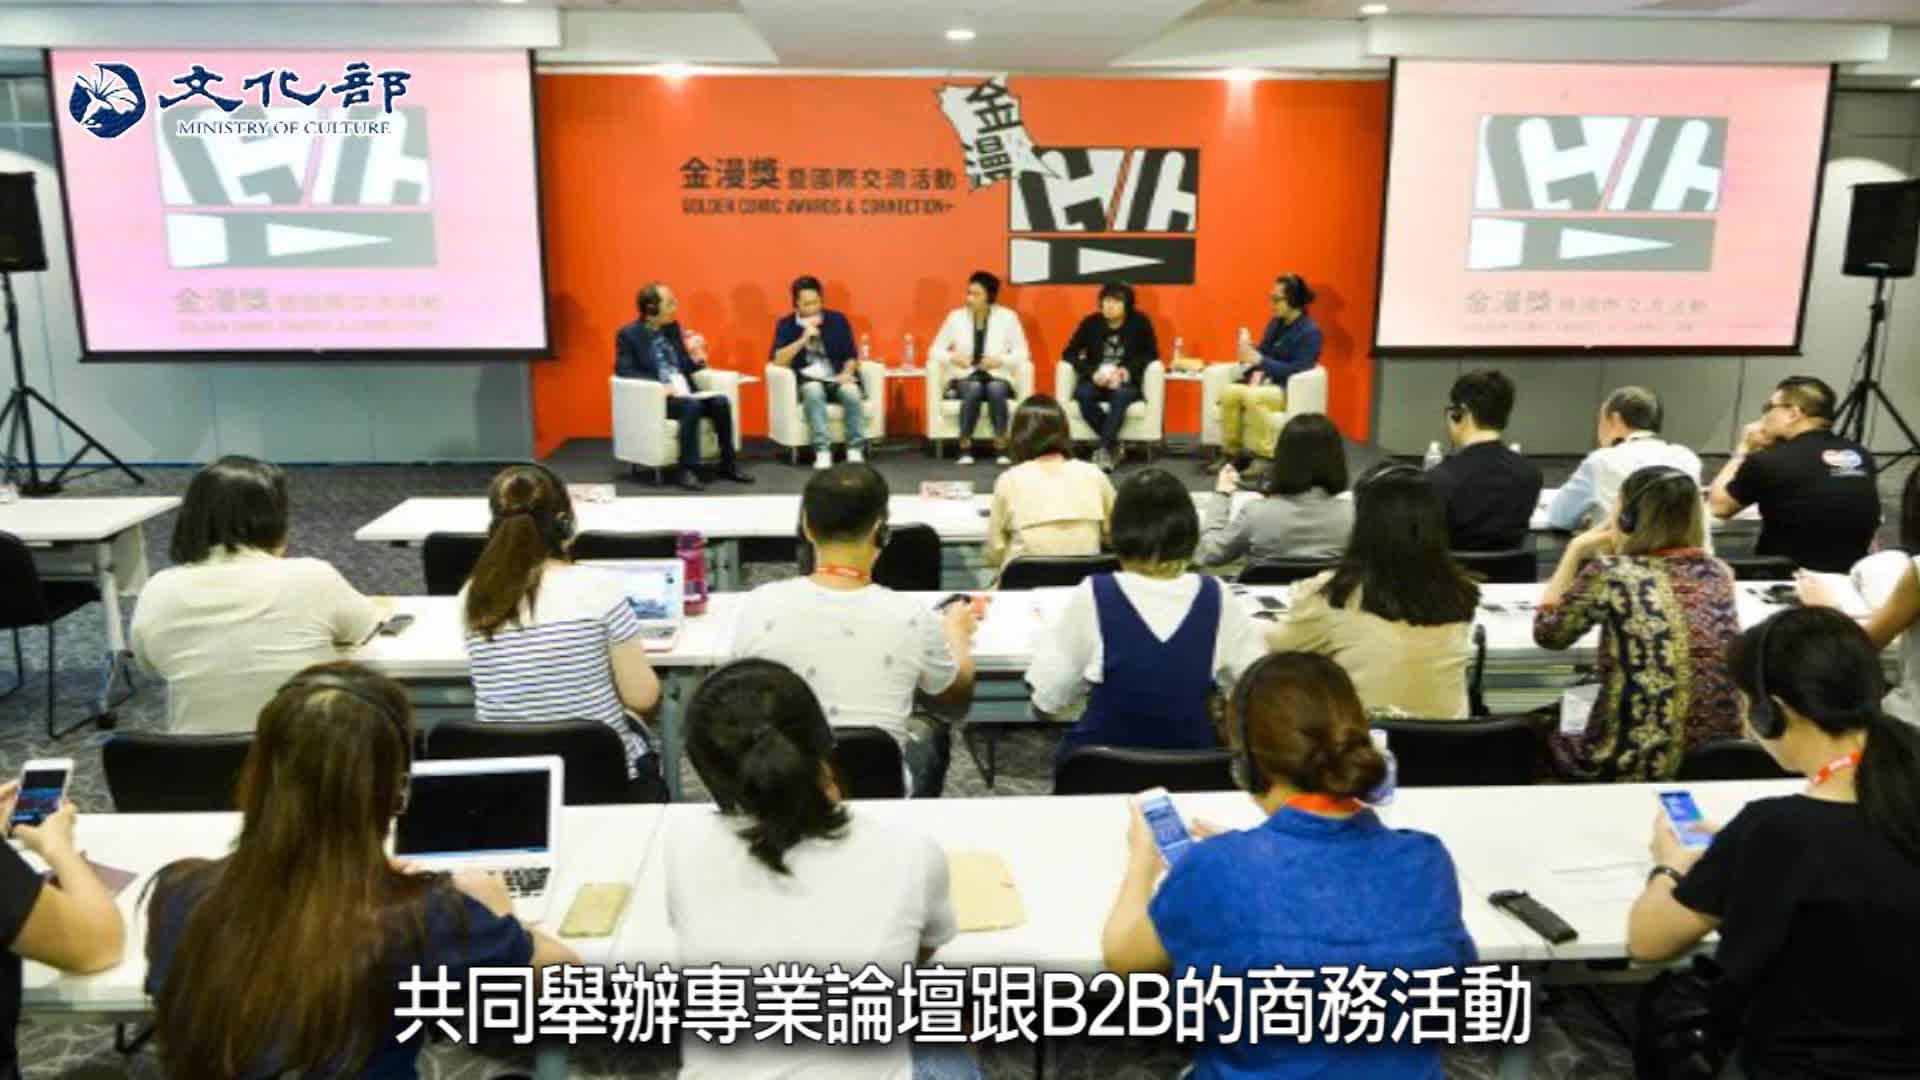 麗君部長說:「讓漫畫成為台灣故事產業的火車頭」